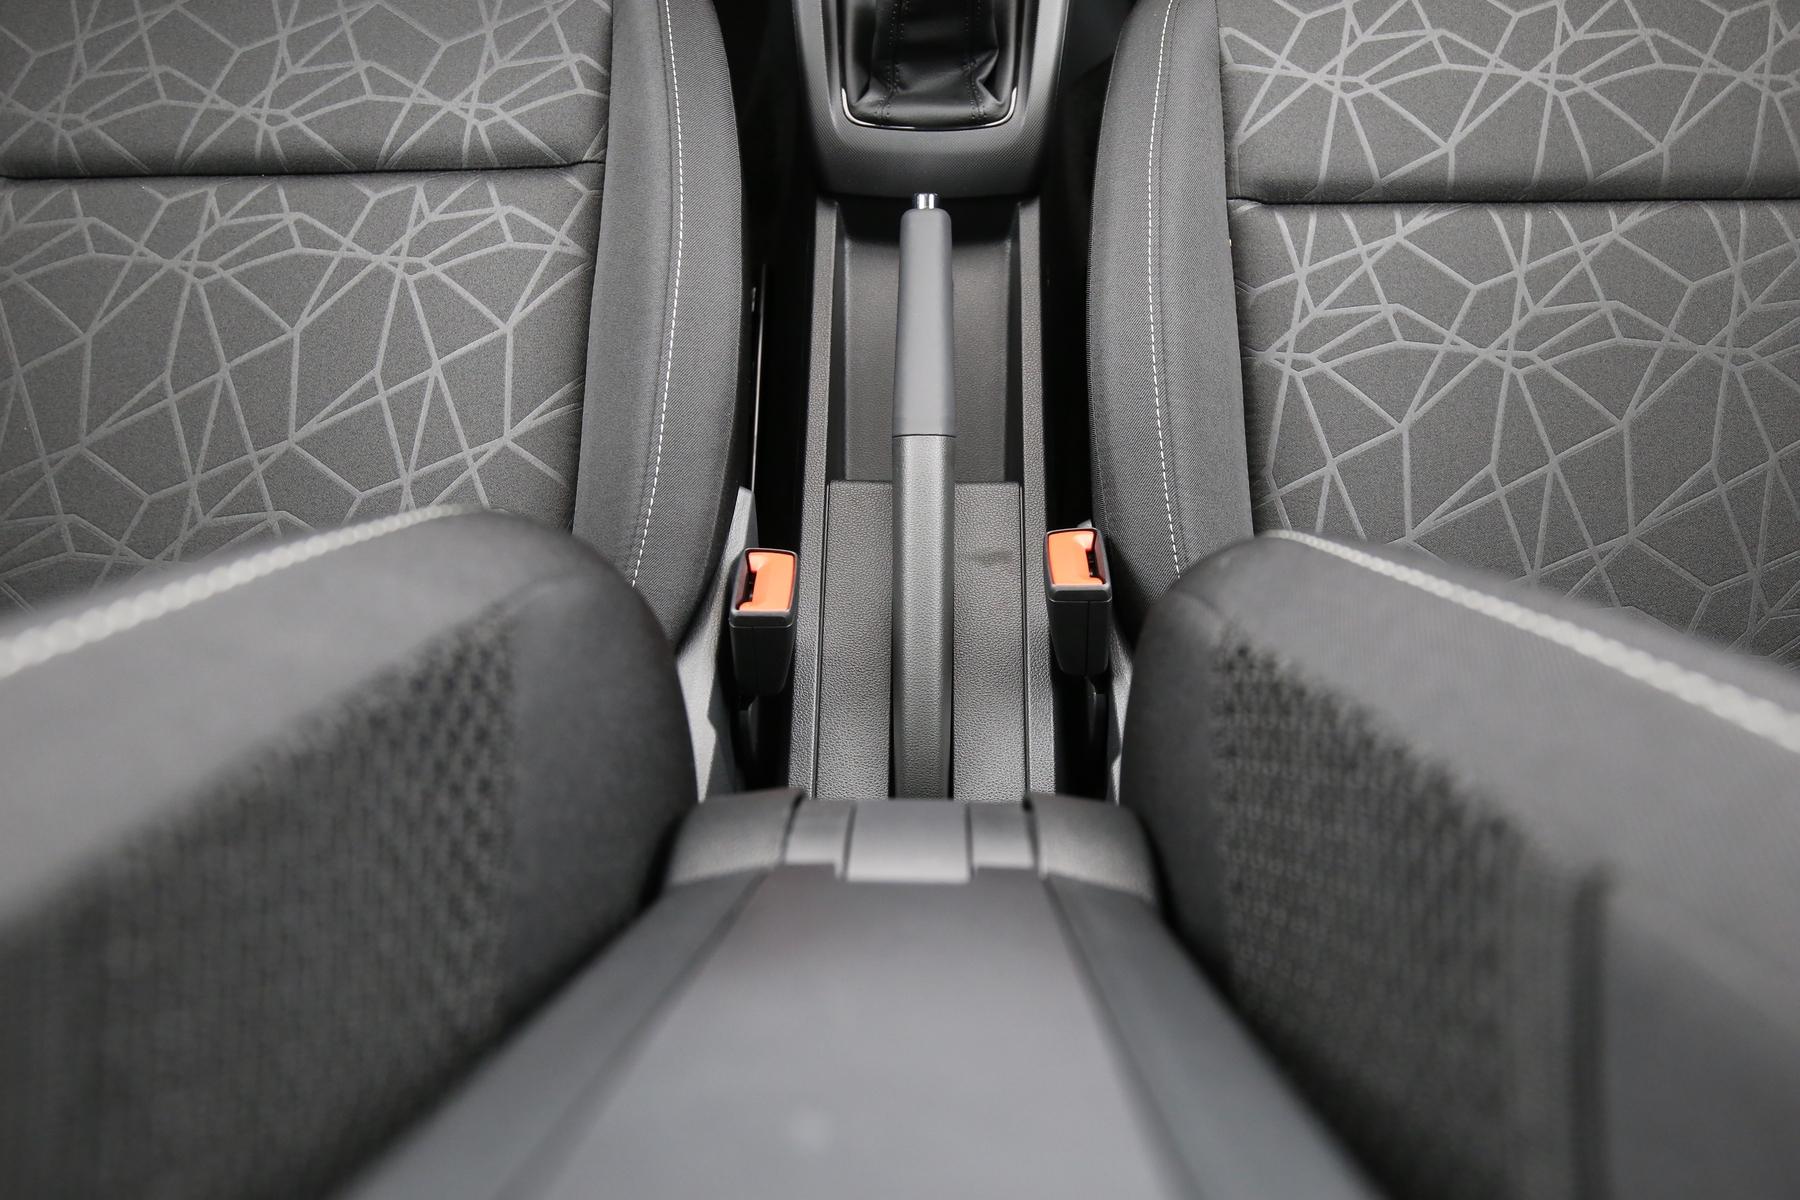 Skoda Fabia Clever 1.0 MPI Licht+Design Camelot | Autos kauft man ...